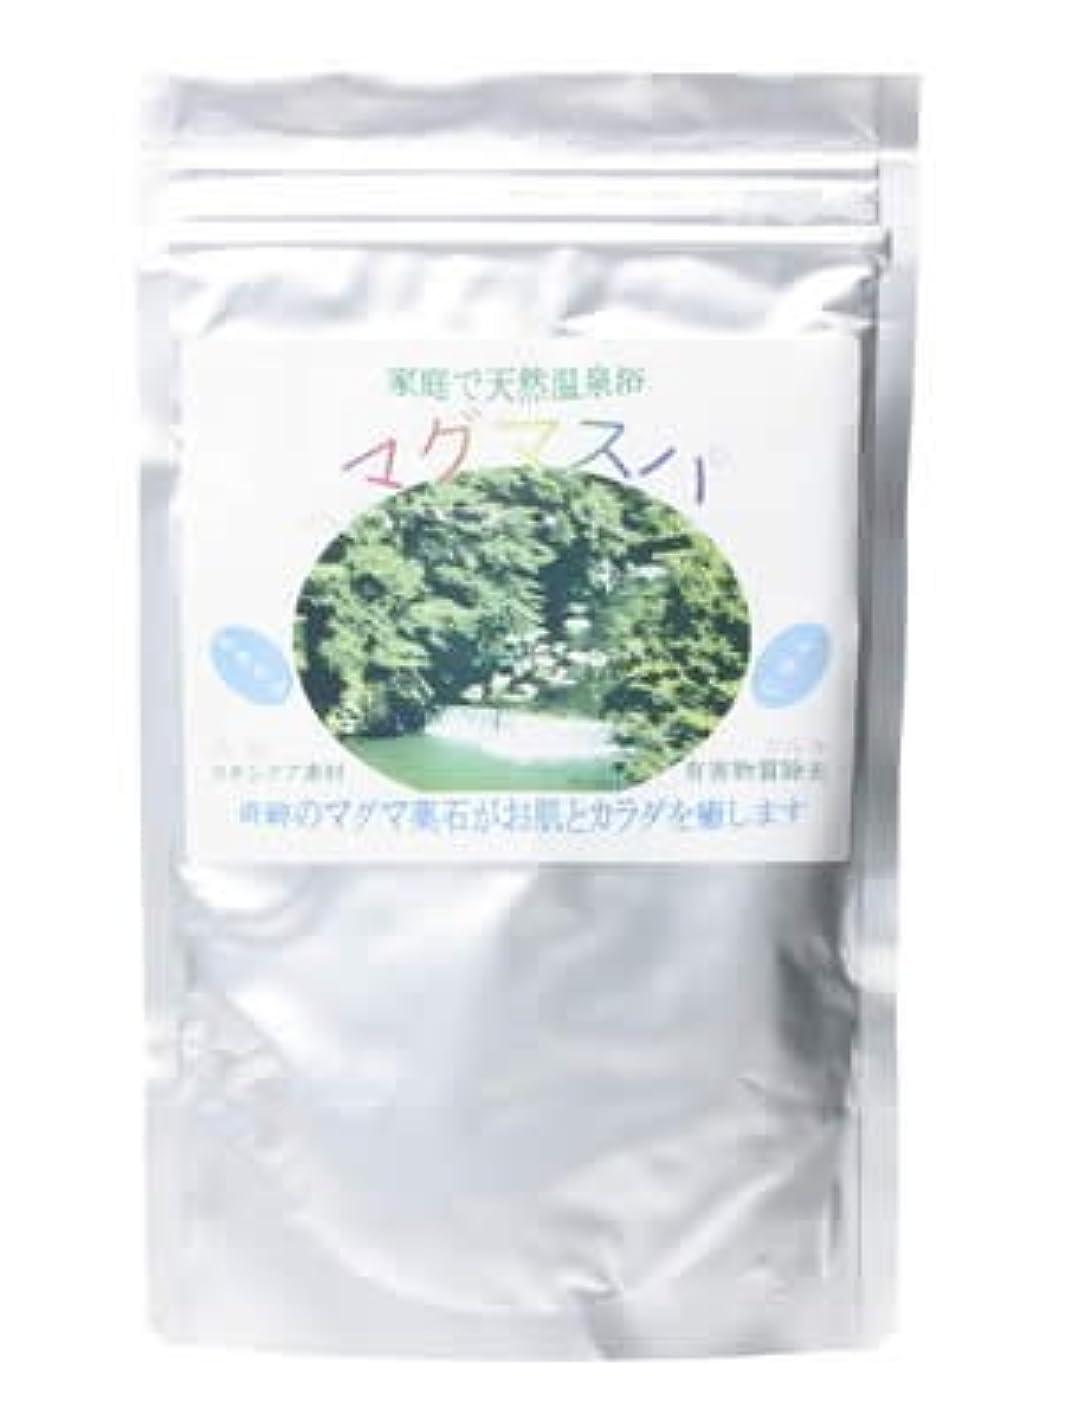 失望サラダ玉天然薬石入浴剤マグマスパ 360g